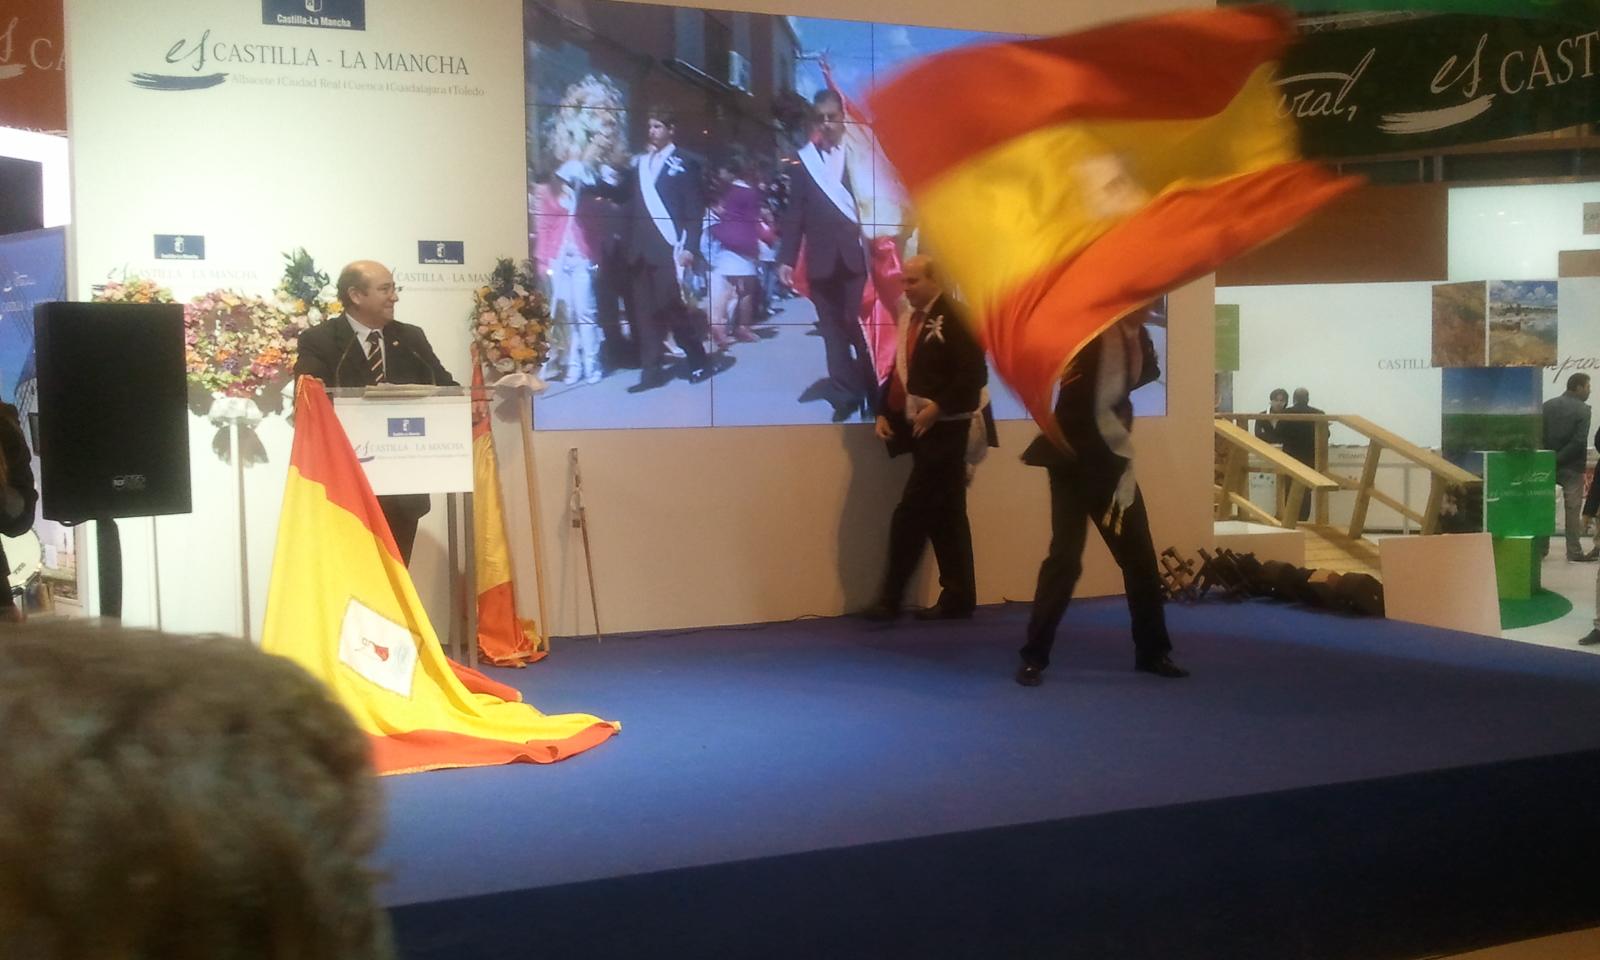 Demostración dunha procesión e baile nalgún lugar de Castilla la Mancha.